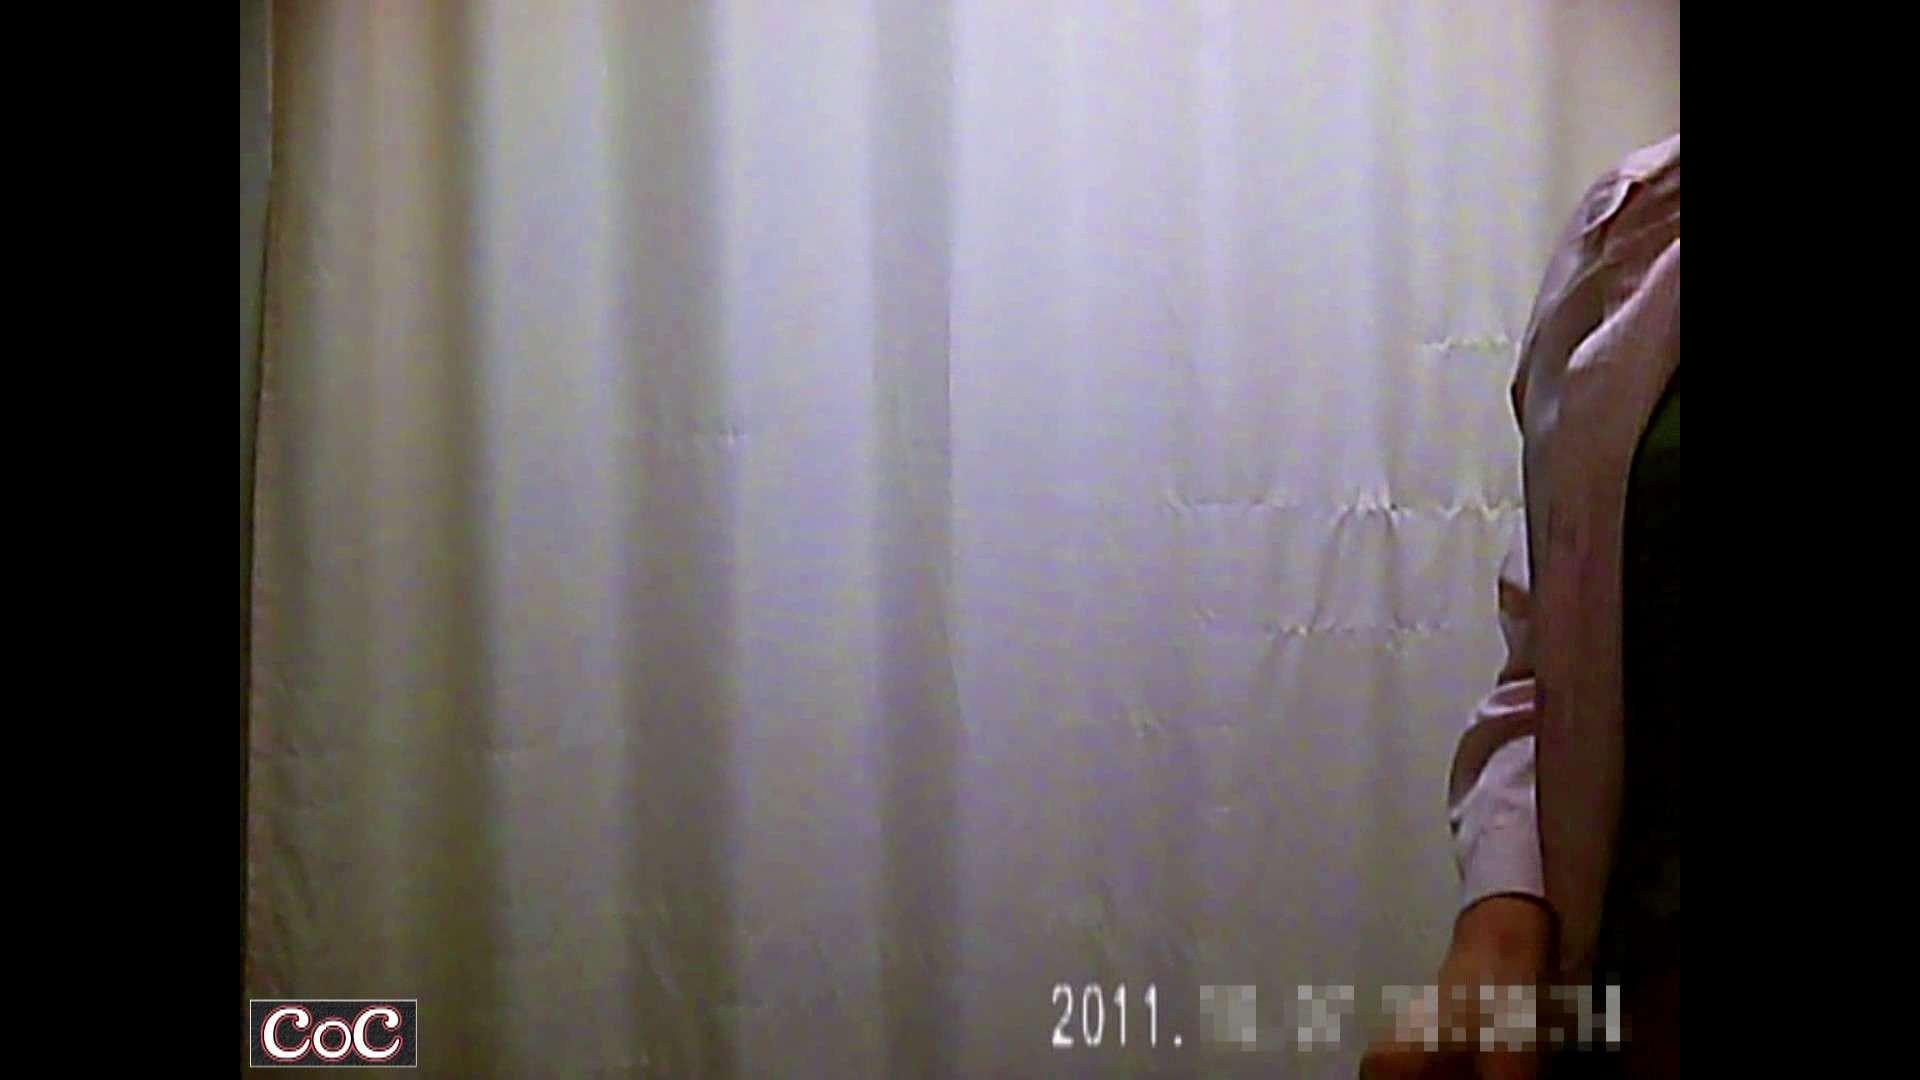 病院おもいっきり着替え! vol.53 盗撮特集 のぞき動画キャプチャ 71画像 43